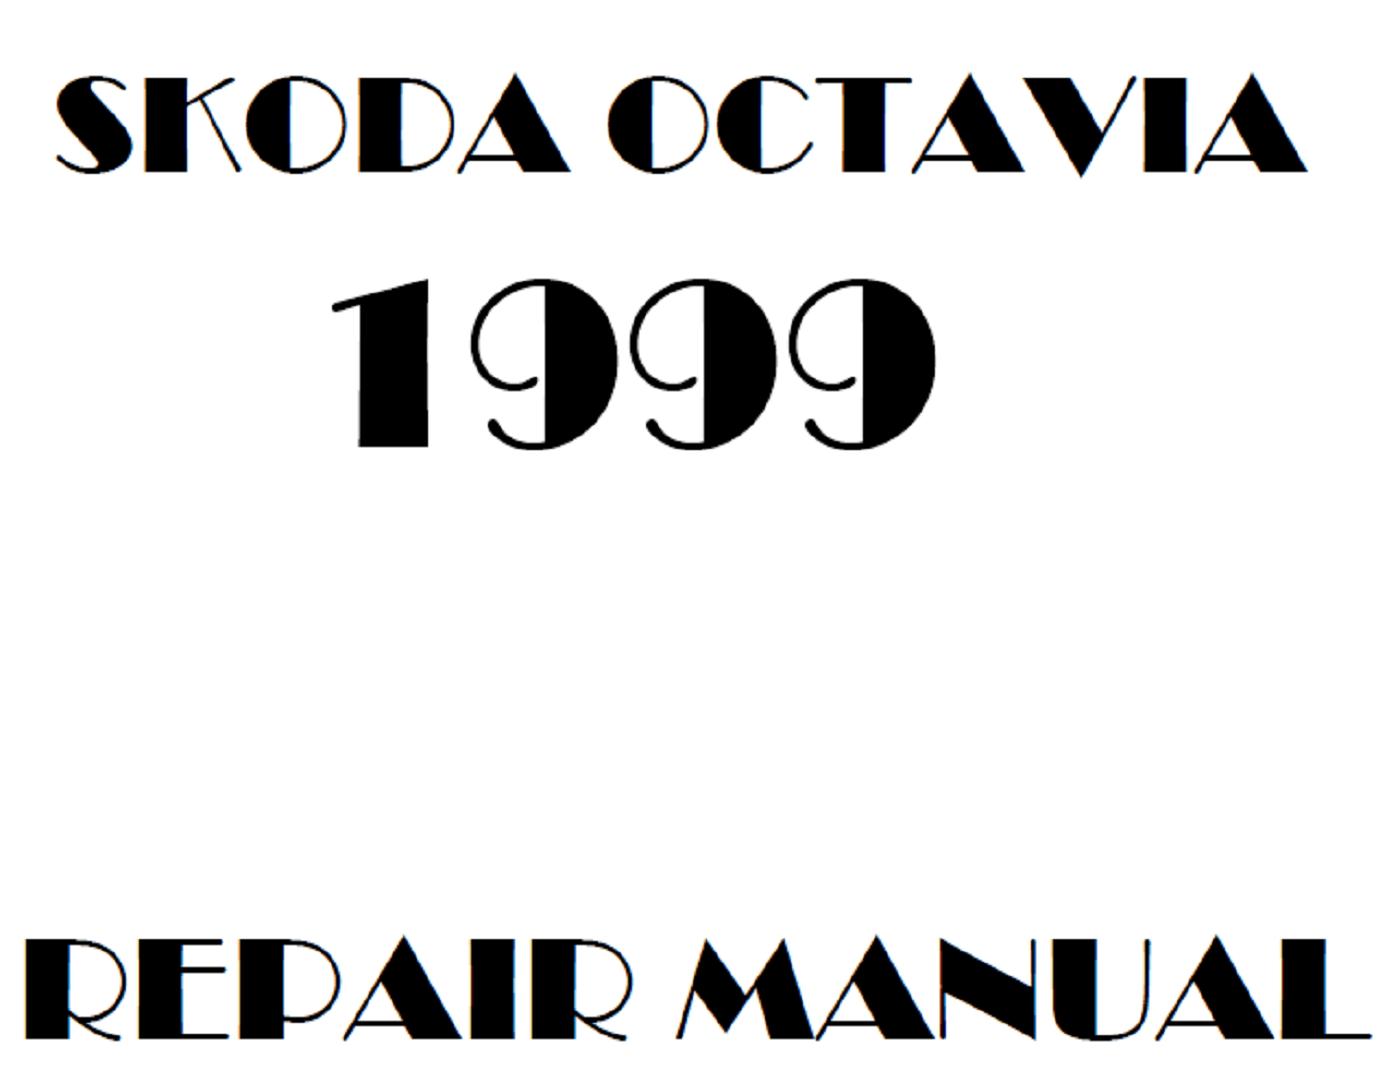 1999 Skoda Octavia repair manual